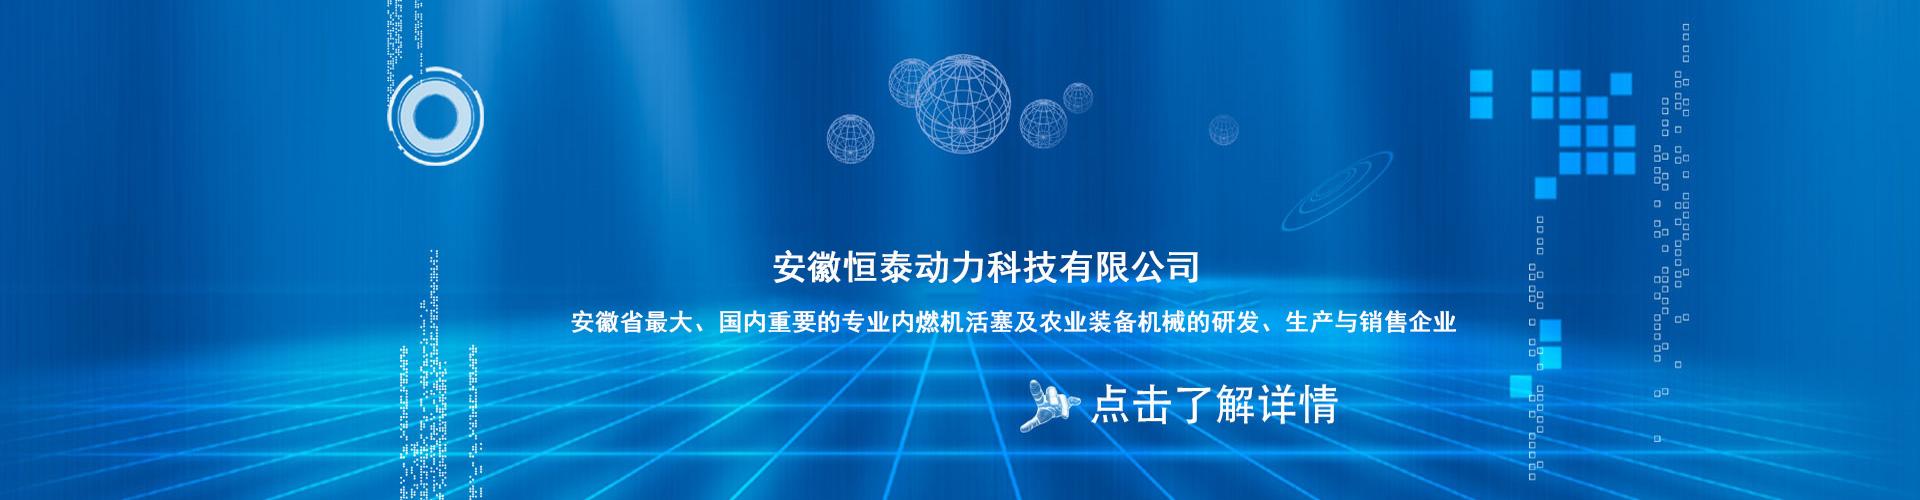 安徽恒泰动力科技有限公司-banner